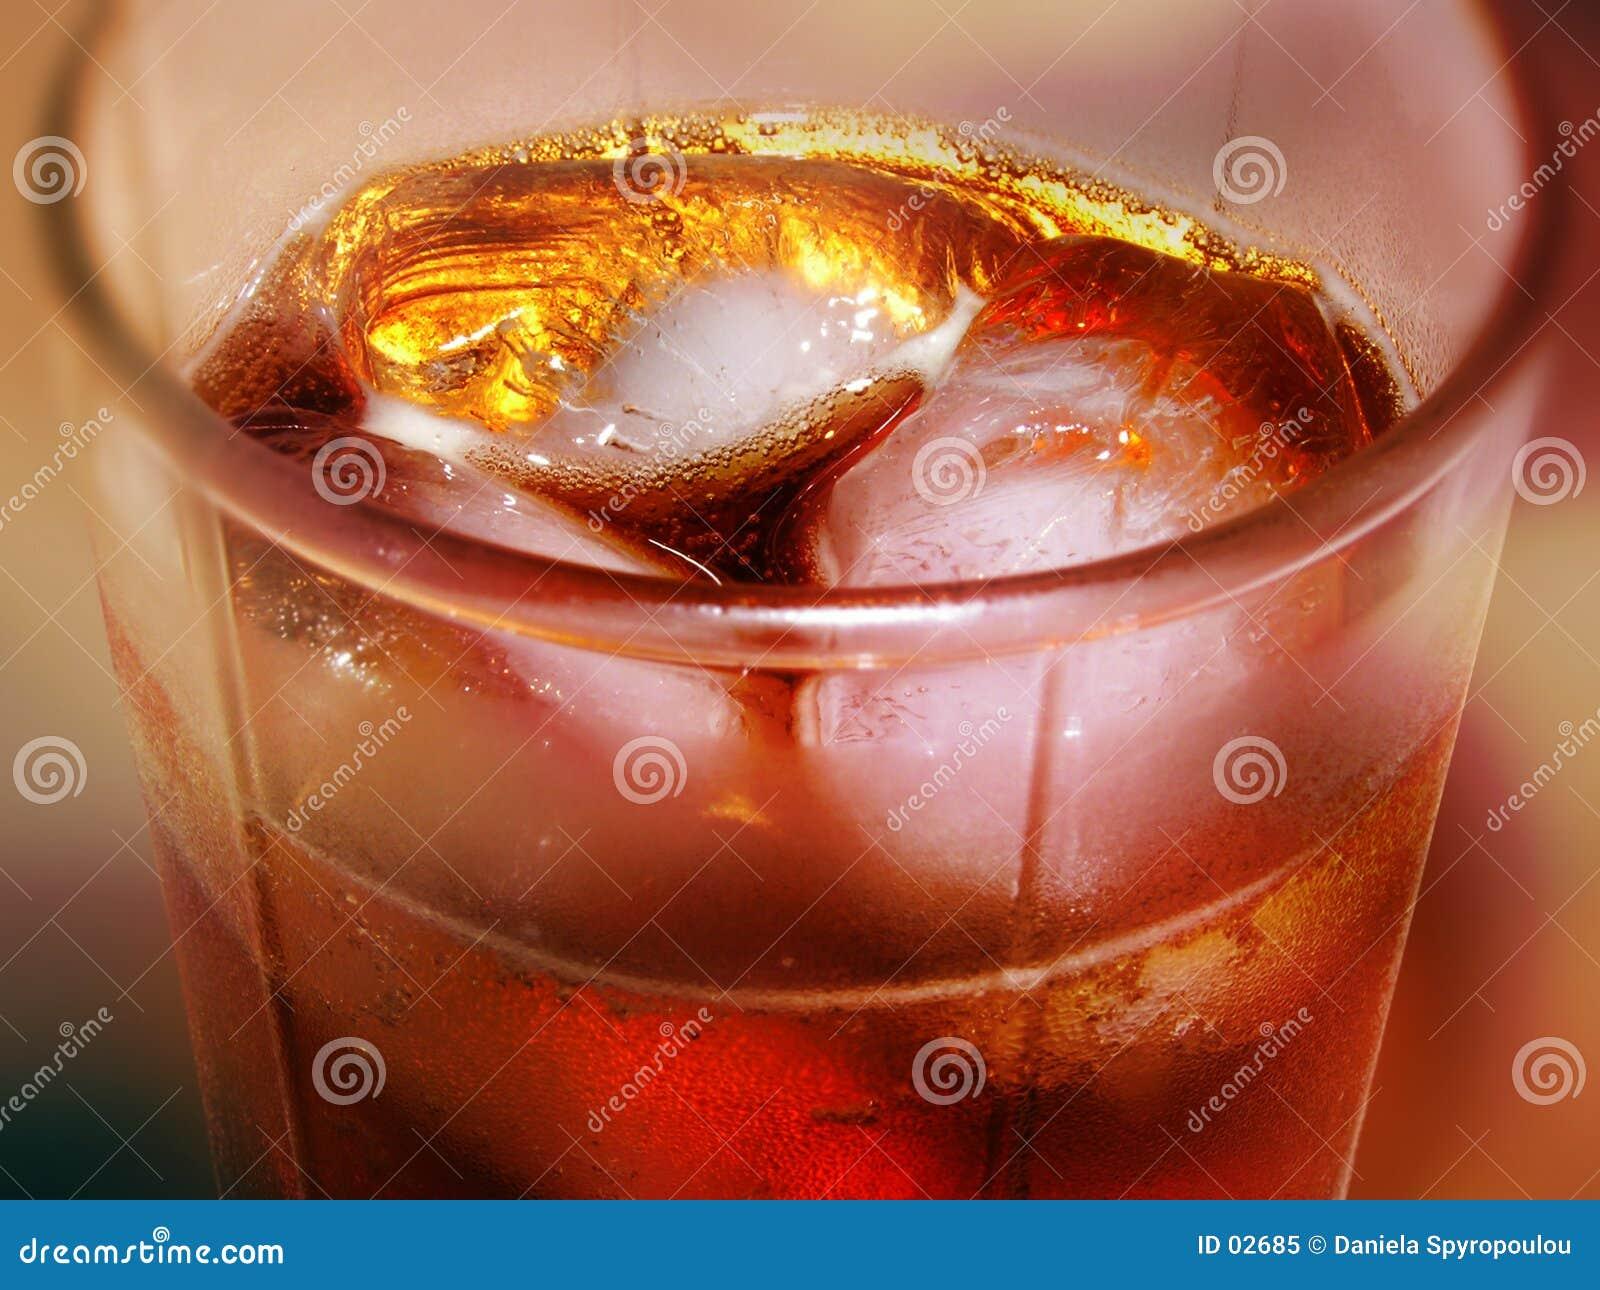 Download 焦炭 库存图片. 图片 包括有 古柯, 可乐, 夏天, 商业, 详细资料, 玻璃, 冻结, 橙色, 烤肉, 概念 - 2685